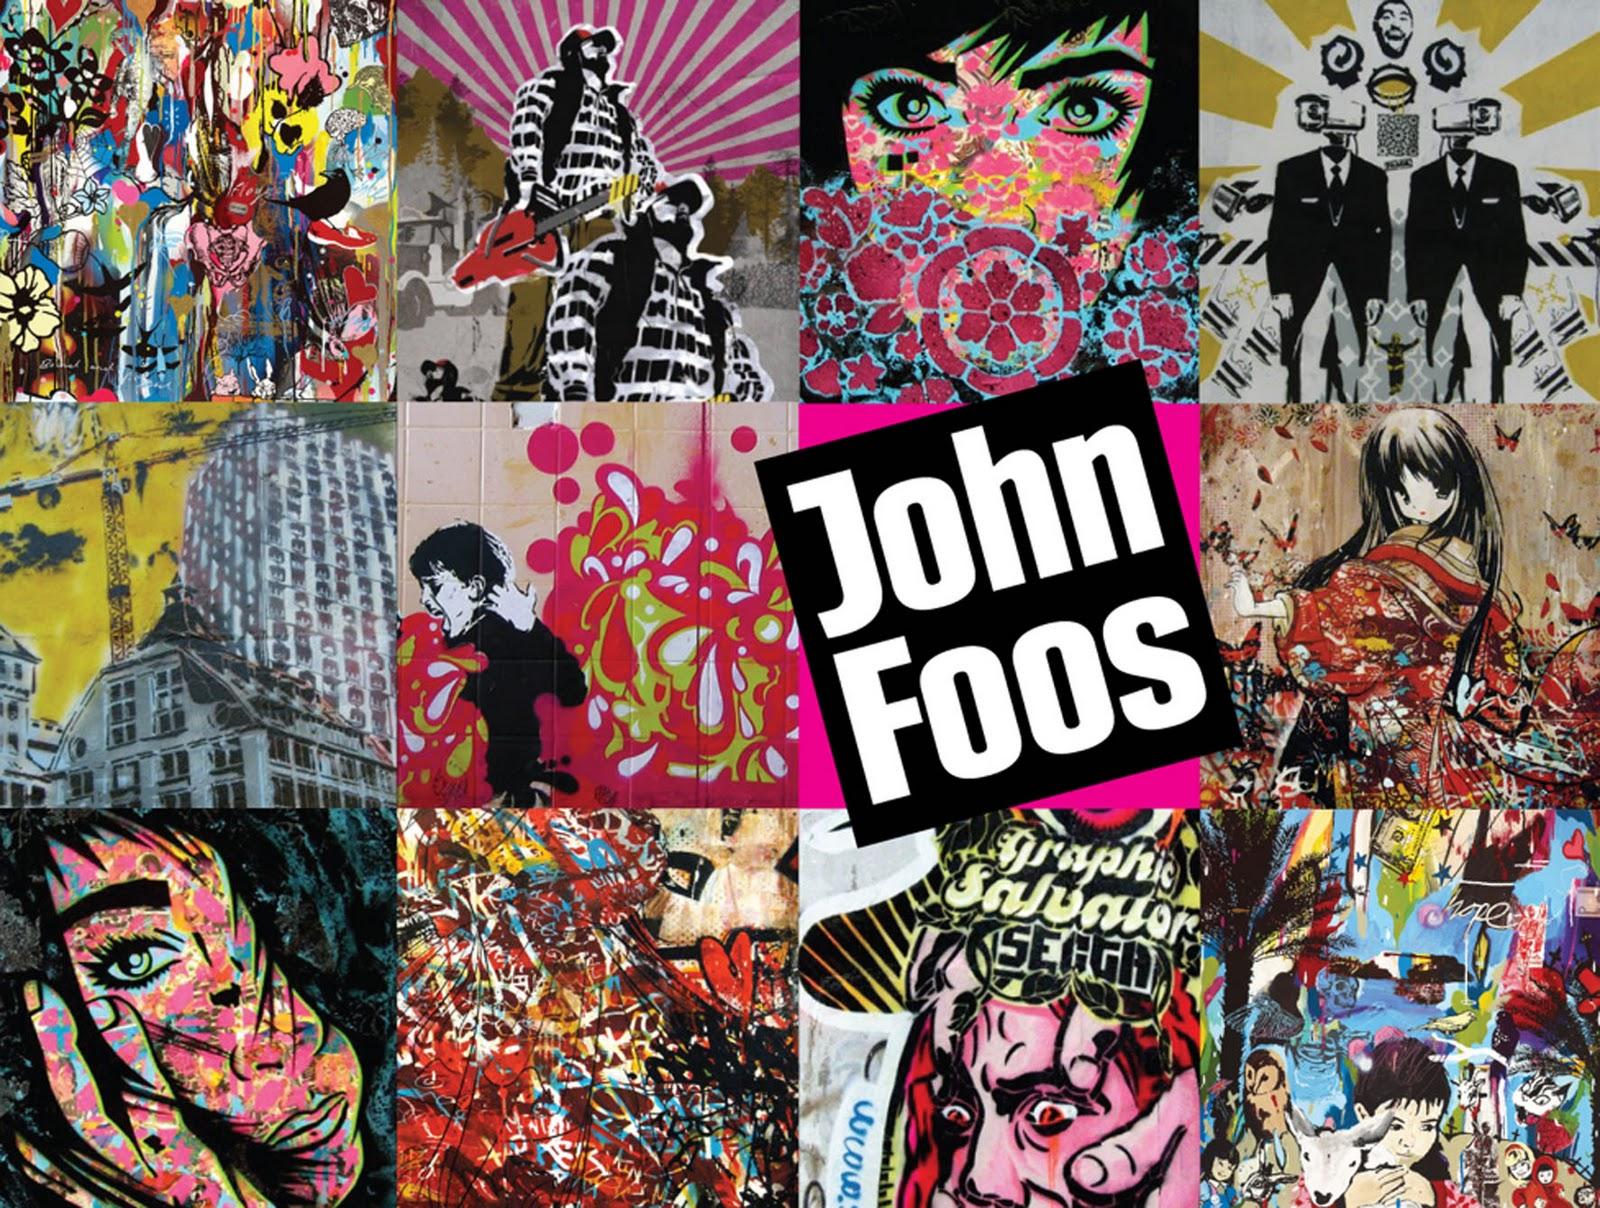 imagenes de zapatillas john foos 2015 - imagenes de zapatillas | Zapatillas John Foos Tipo Botitas Blancas Comprá en San